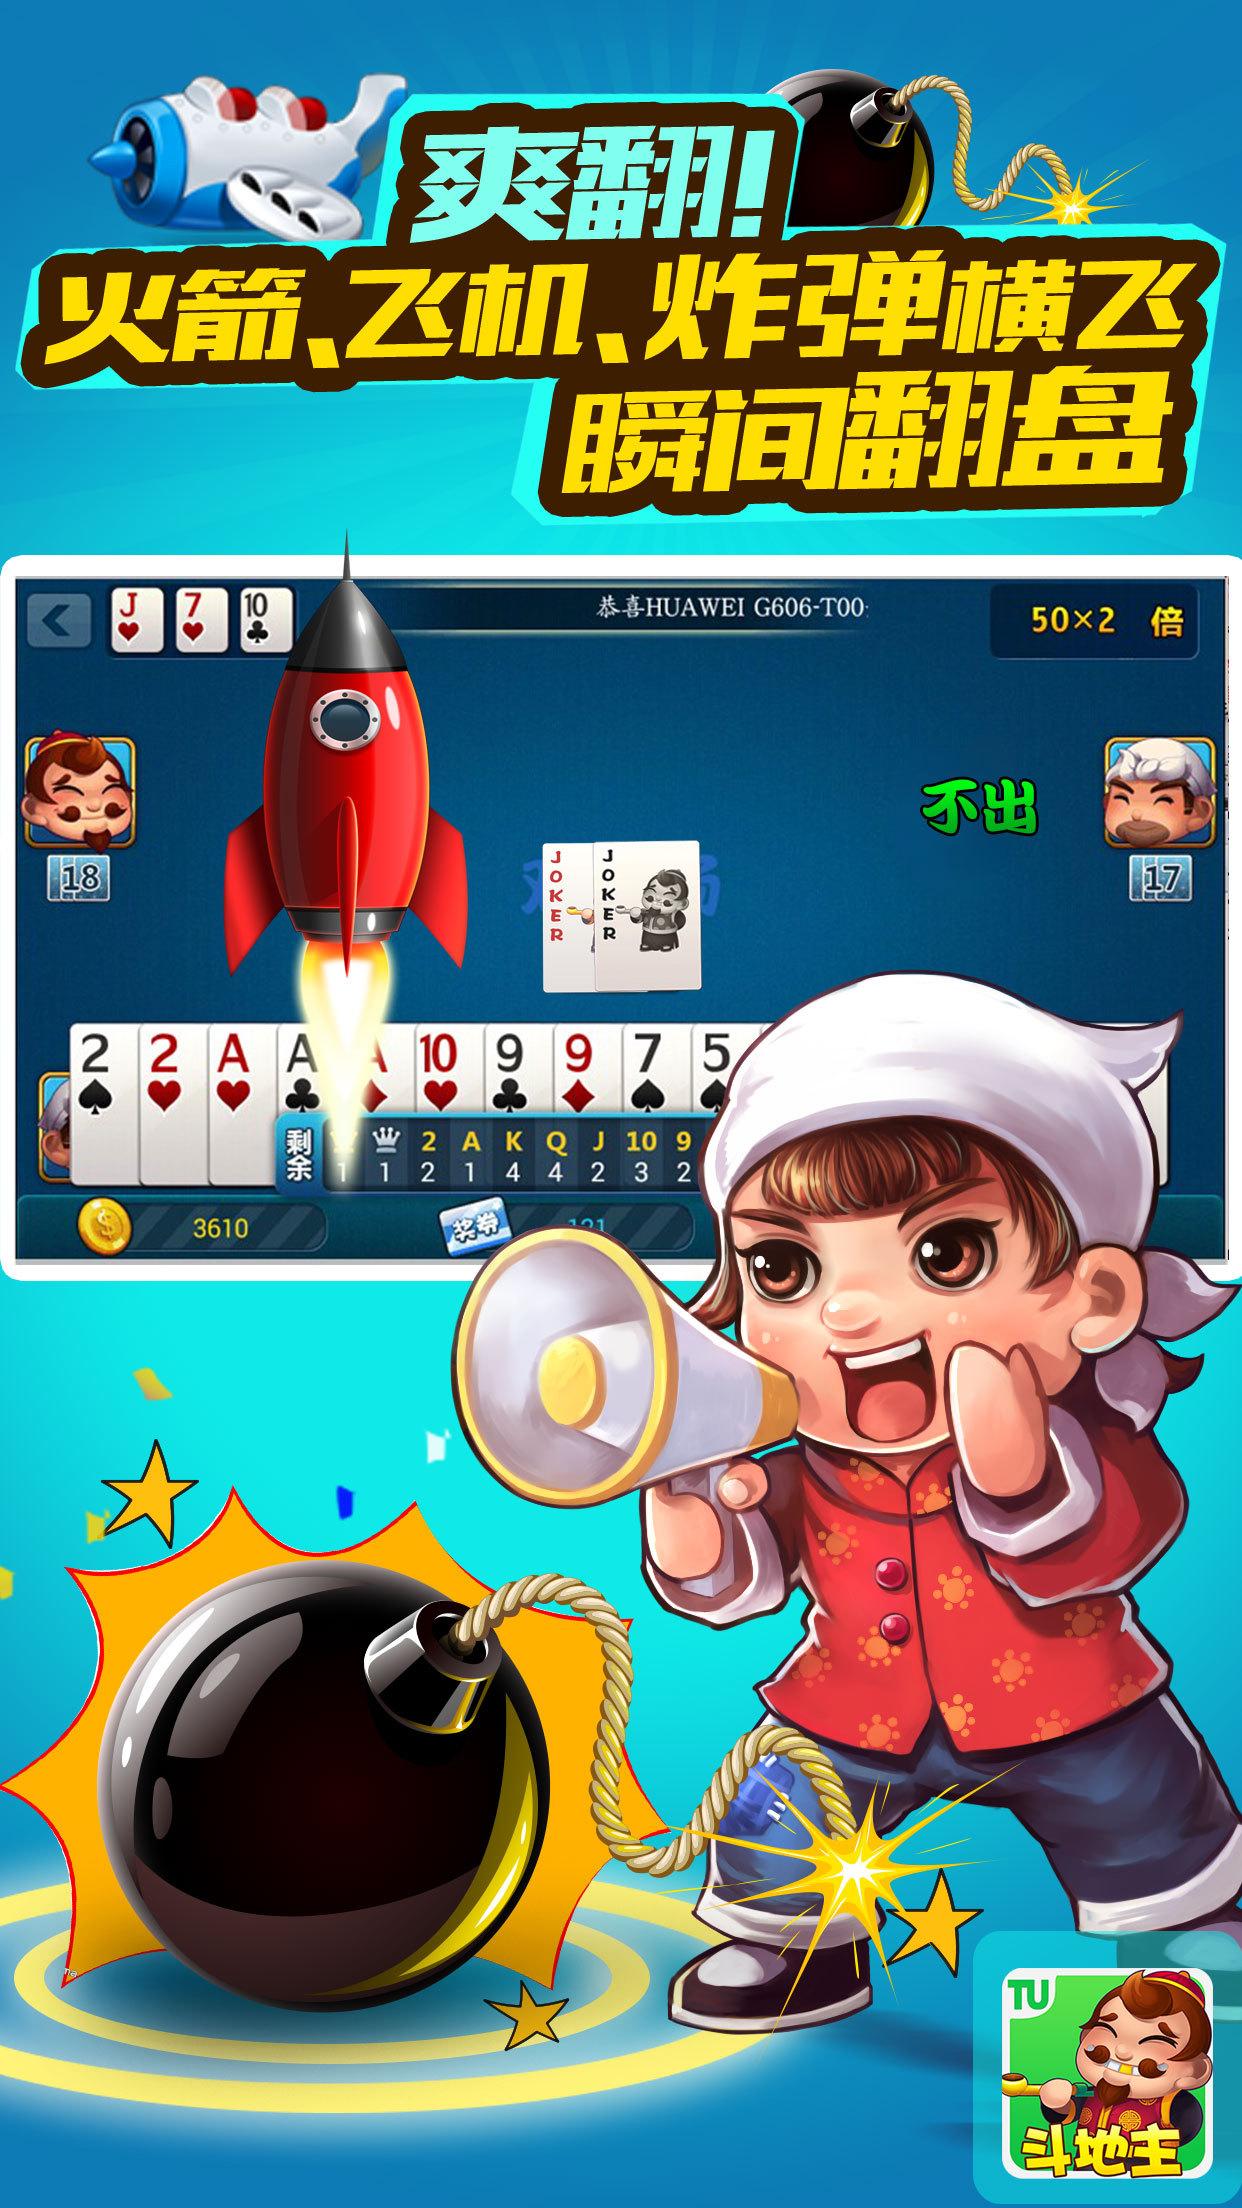 三人斗地主游戏_途游斗地主手机版安卓下载 v3.71 - 三三乐园